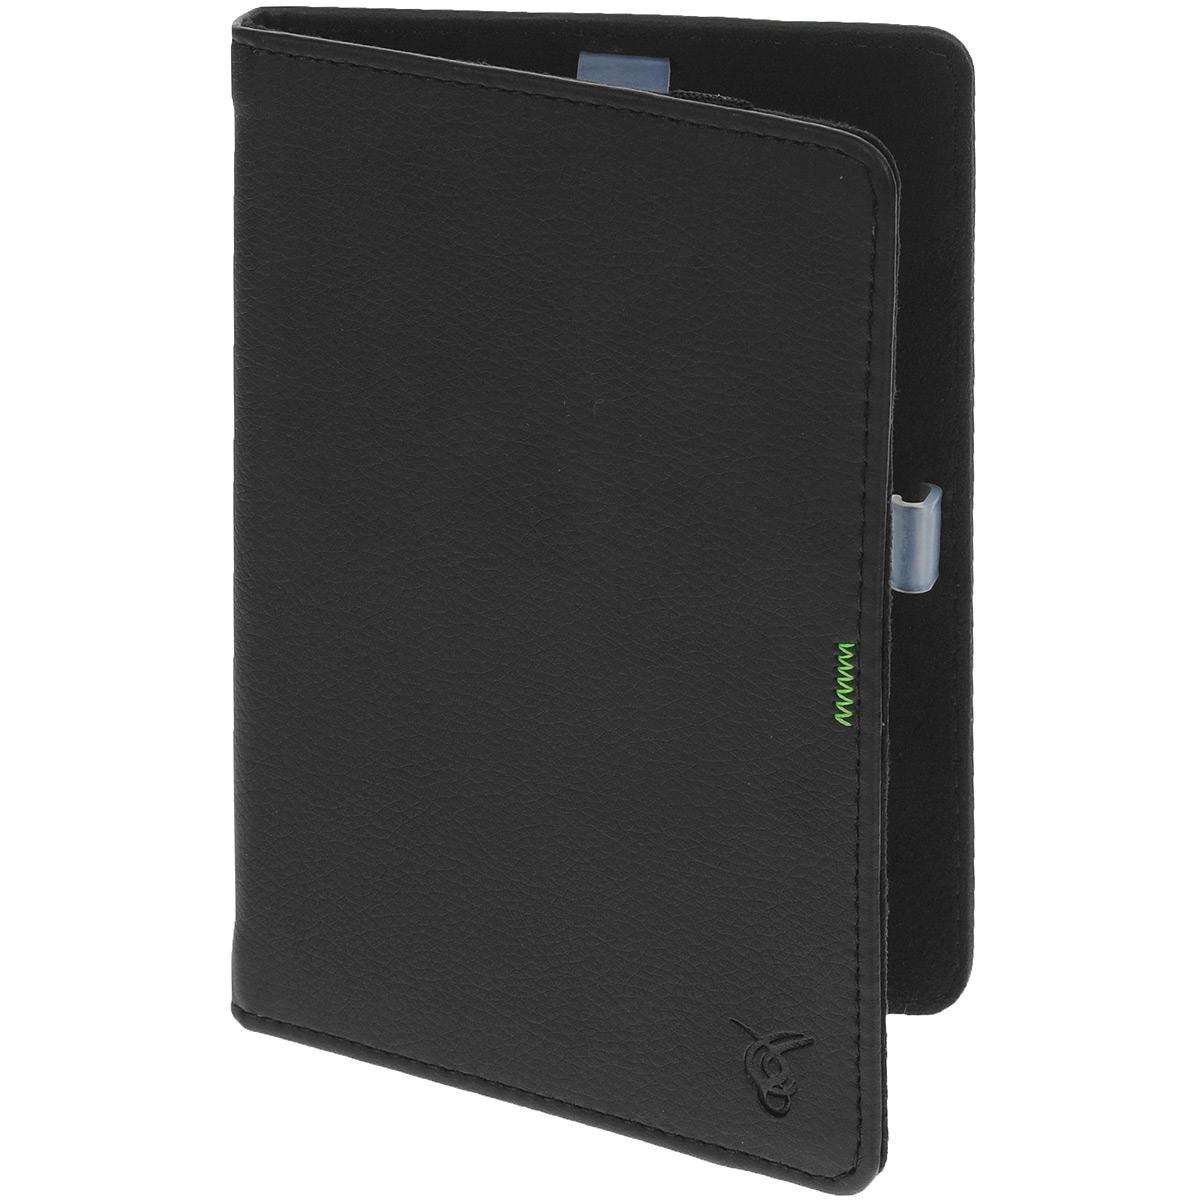 Vivacase GreenLine чехол-обложка для PocketBook 640/626/624/614/623/622, Black (VPB-FP622Bl)VPB-FP622BlЧехол Vivacase для PocketBook 611/613/624 из коллекции Green Line изготовлен из качественной ПУ-кожи сприятной текстурой и имеет заметный элемент на хлястике - прострочку фирменного салатового цвета компанииPocketBook.ПУ-кожа на жестком каркасе не только защищает вашу книгу от царапин, влаги и падений. Качественныйматериал, аккуратная прострочка и классический дизайн чехла сделают его отличным дополнением к вашемустилю.Внутренняя часть чехла отделана мягкой бархатистой тканью, а само устройство удерживают на месте четыре пластиковых фиксатора. Все кнопки и разъемы при этом остаются открытыми. Закрытым чехол удерживает эластичная резинка.